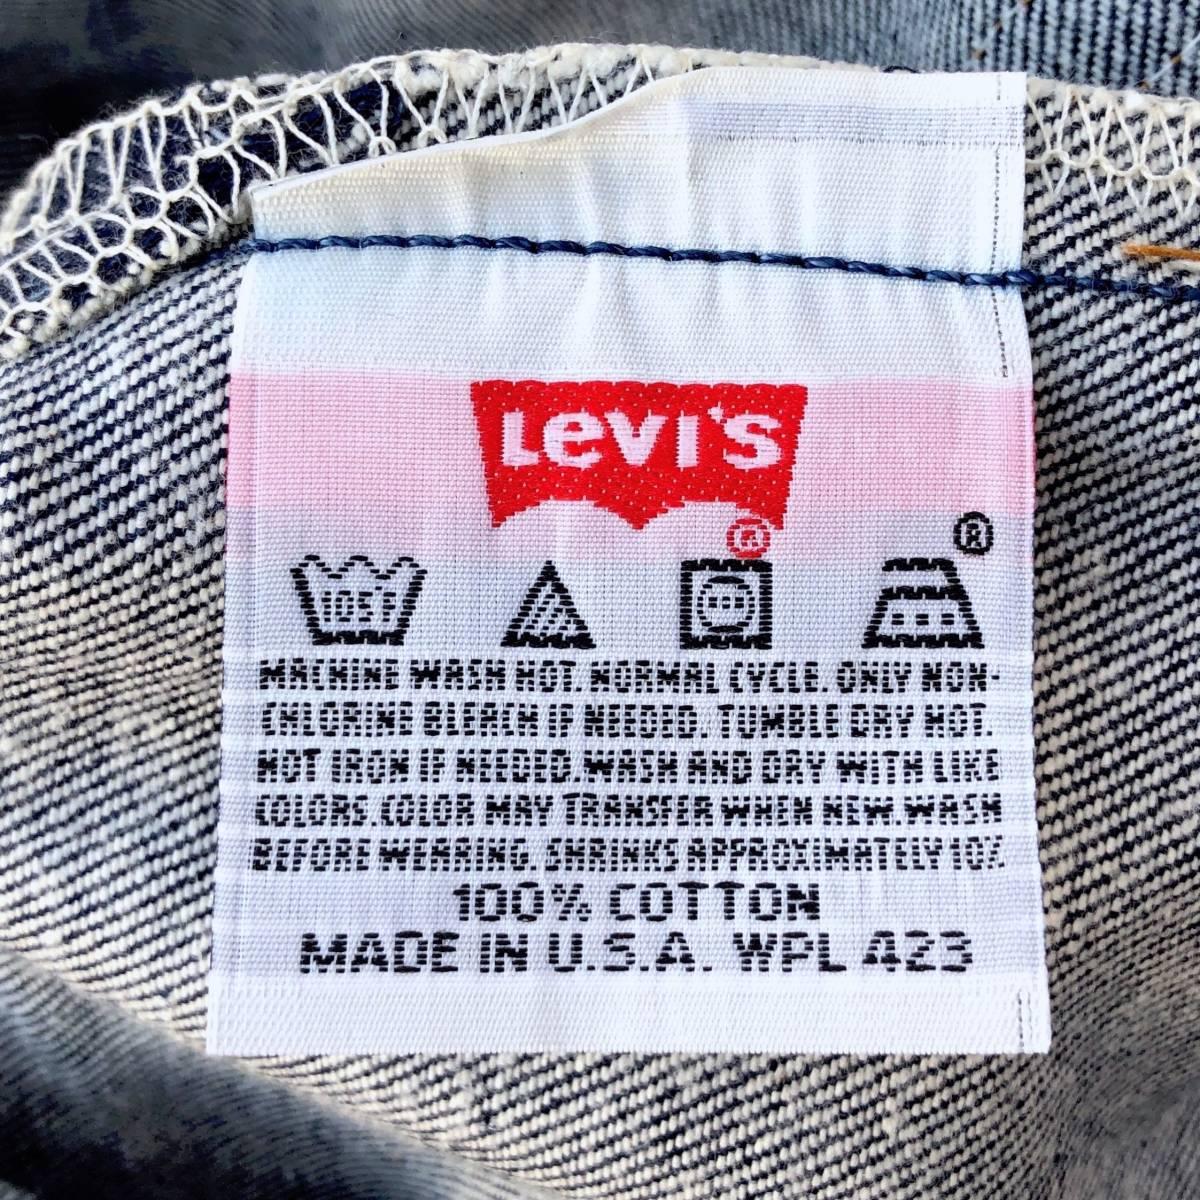 米国製 デッド LEVI'S 501XX 1501-0117 レギュラー W31 L38 リジッド デニムパンツ 新品 ビンテージ 90s ジーンズ アメリカUSA製1990年代_画像7